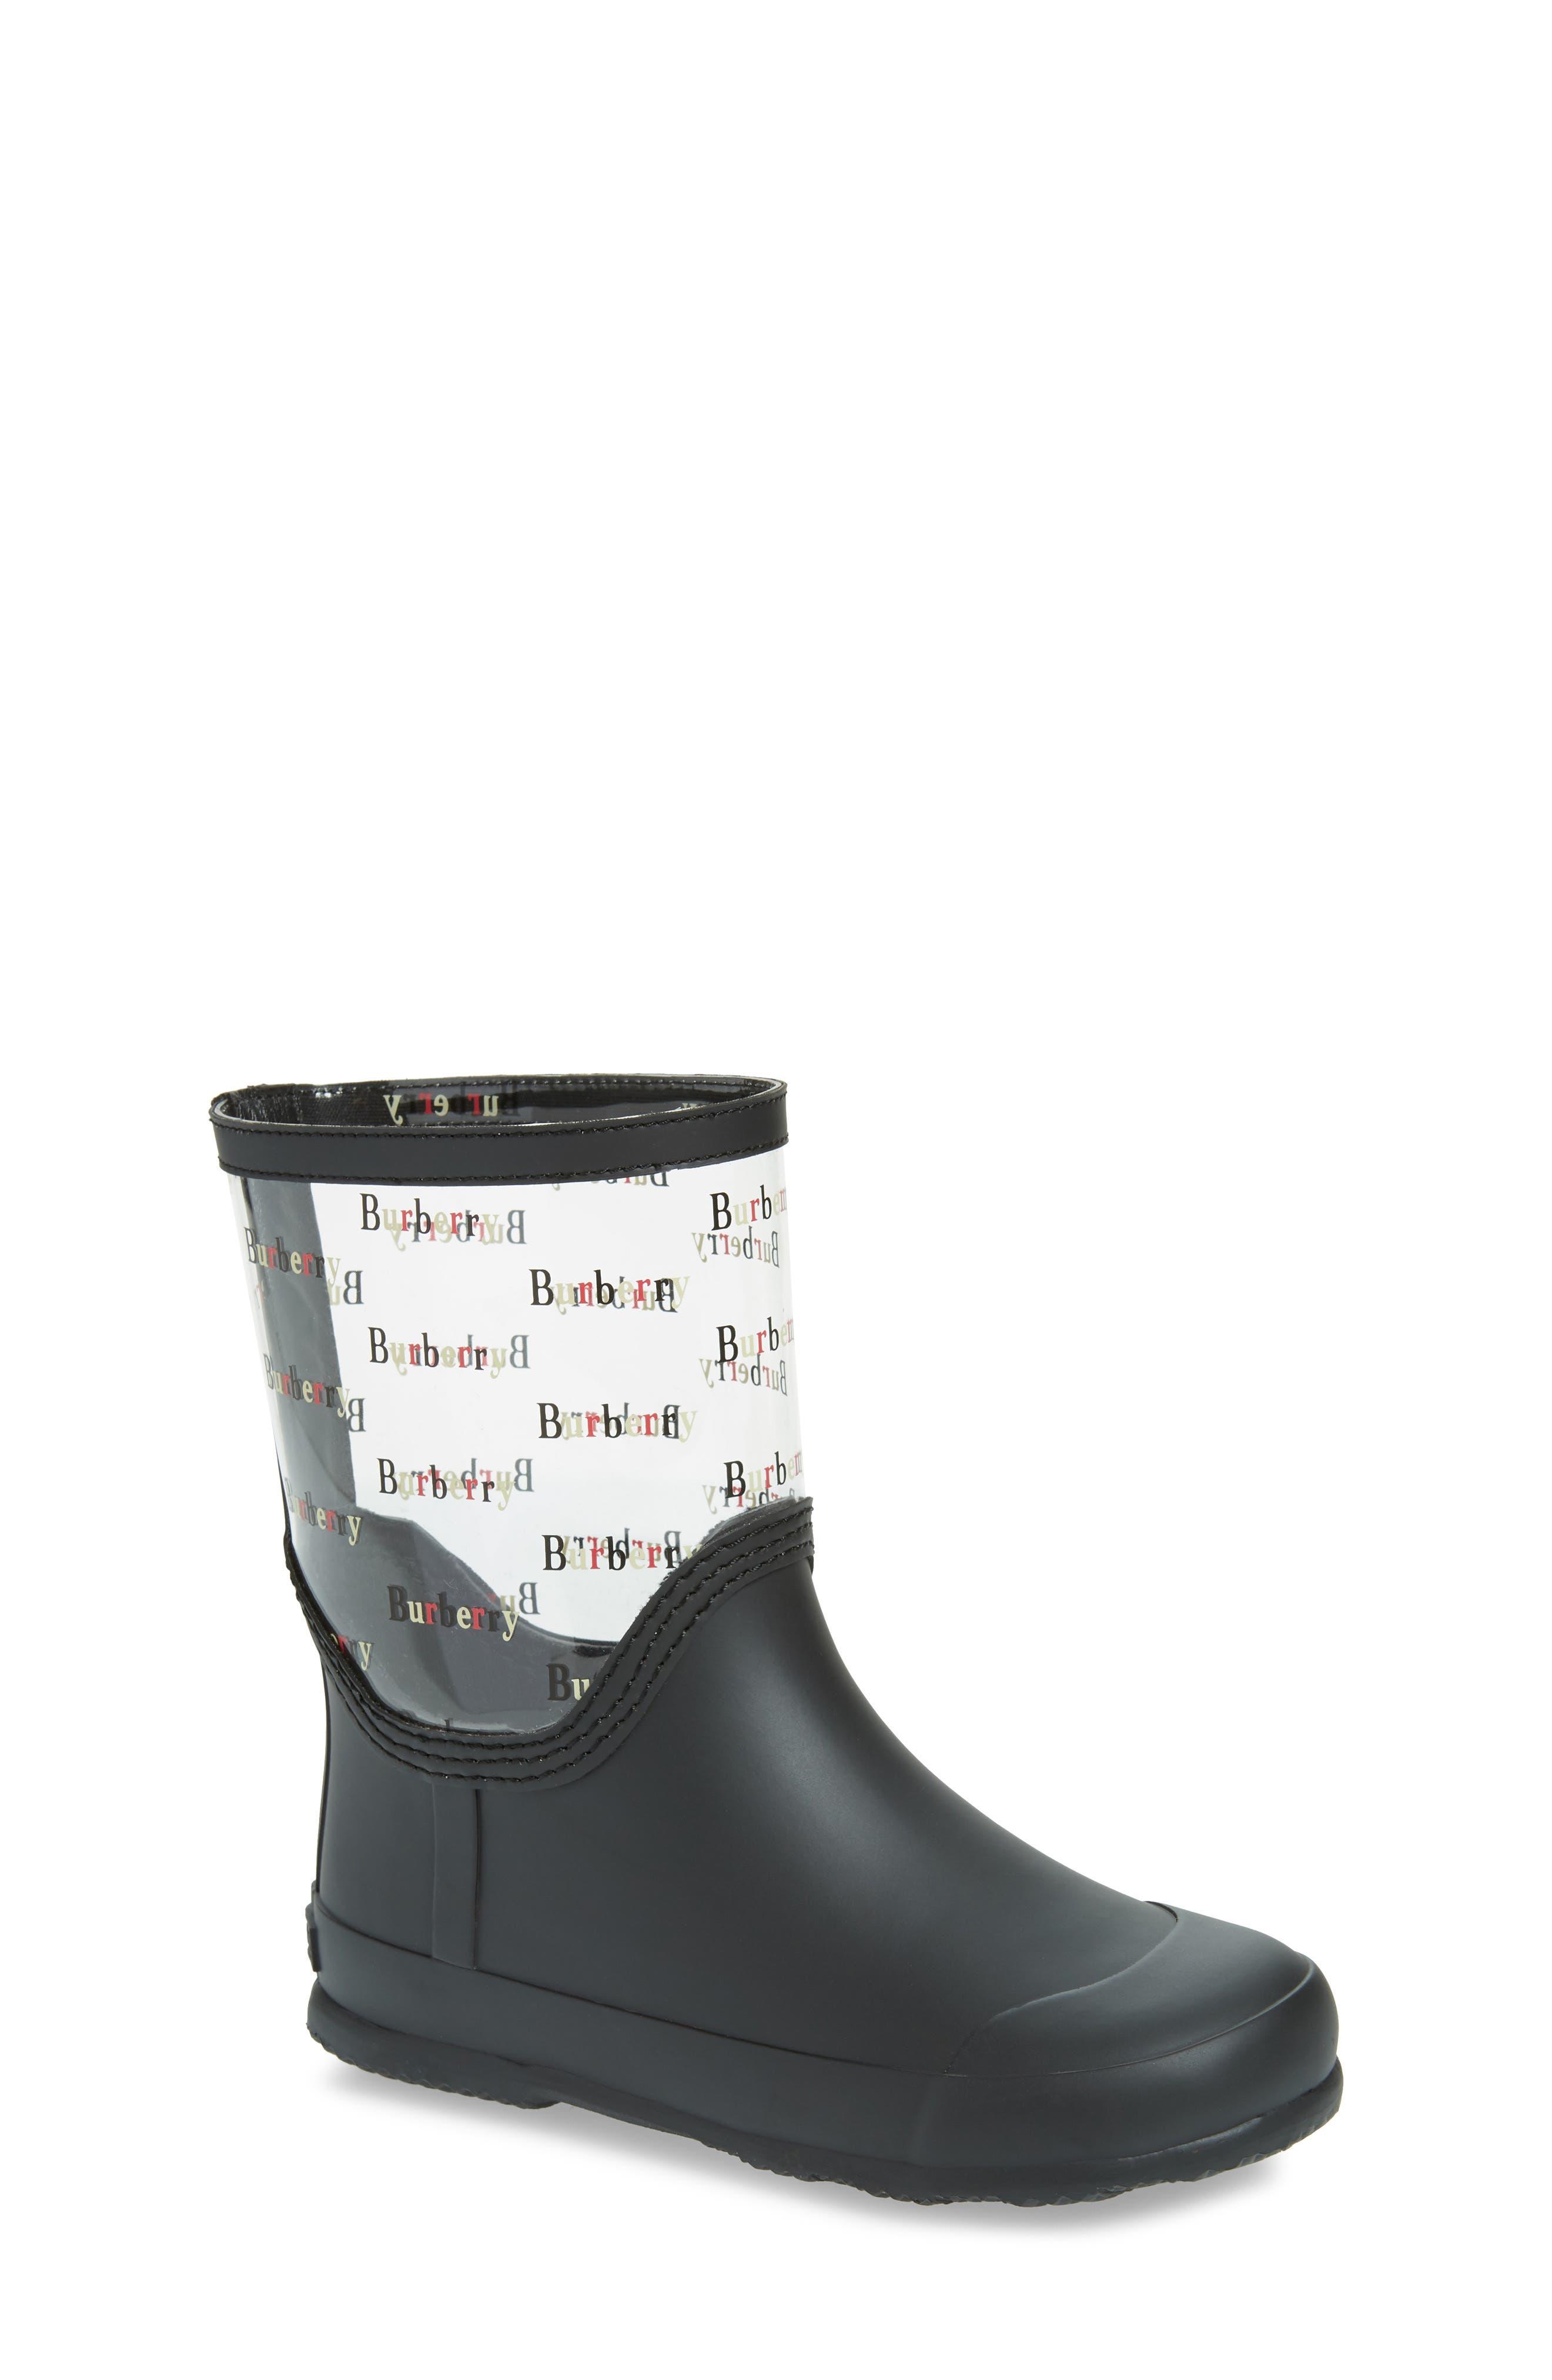 Burberry Frosty Waterproof Rain Boot